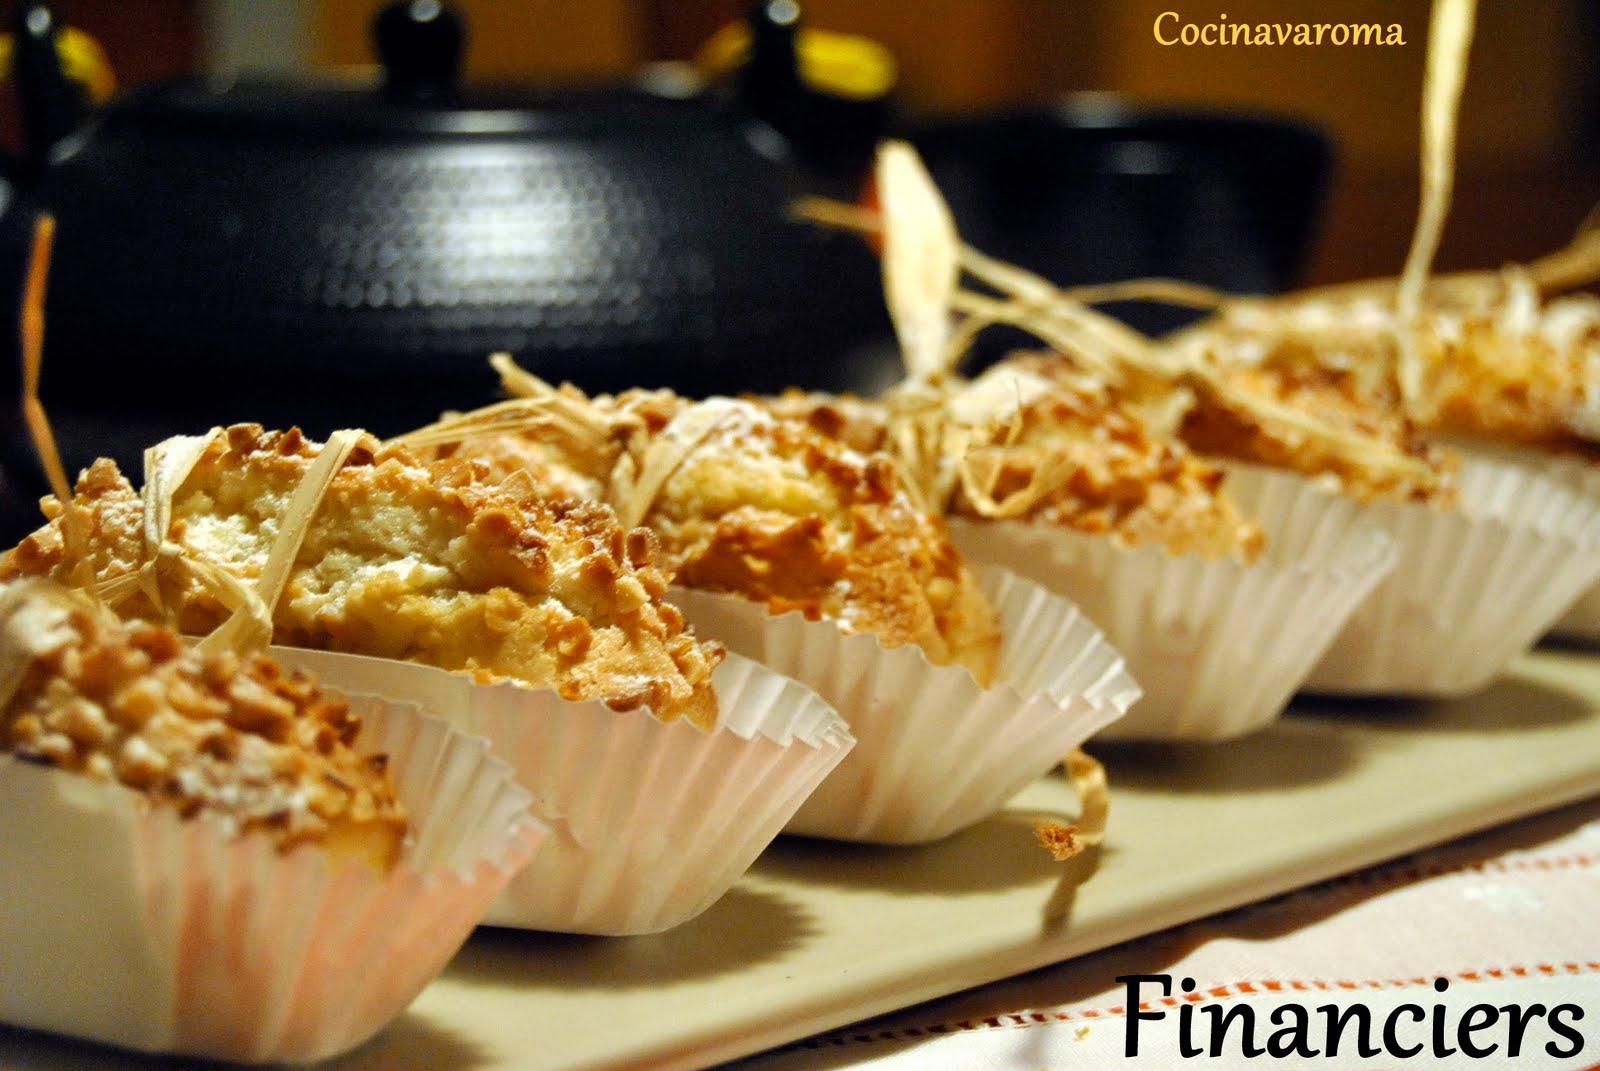 Cocina varoma financiers for Gastronomia francesa historia